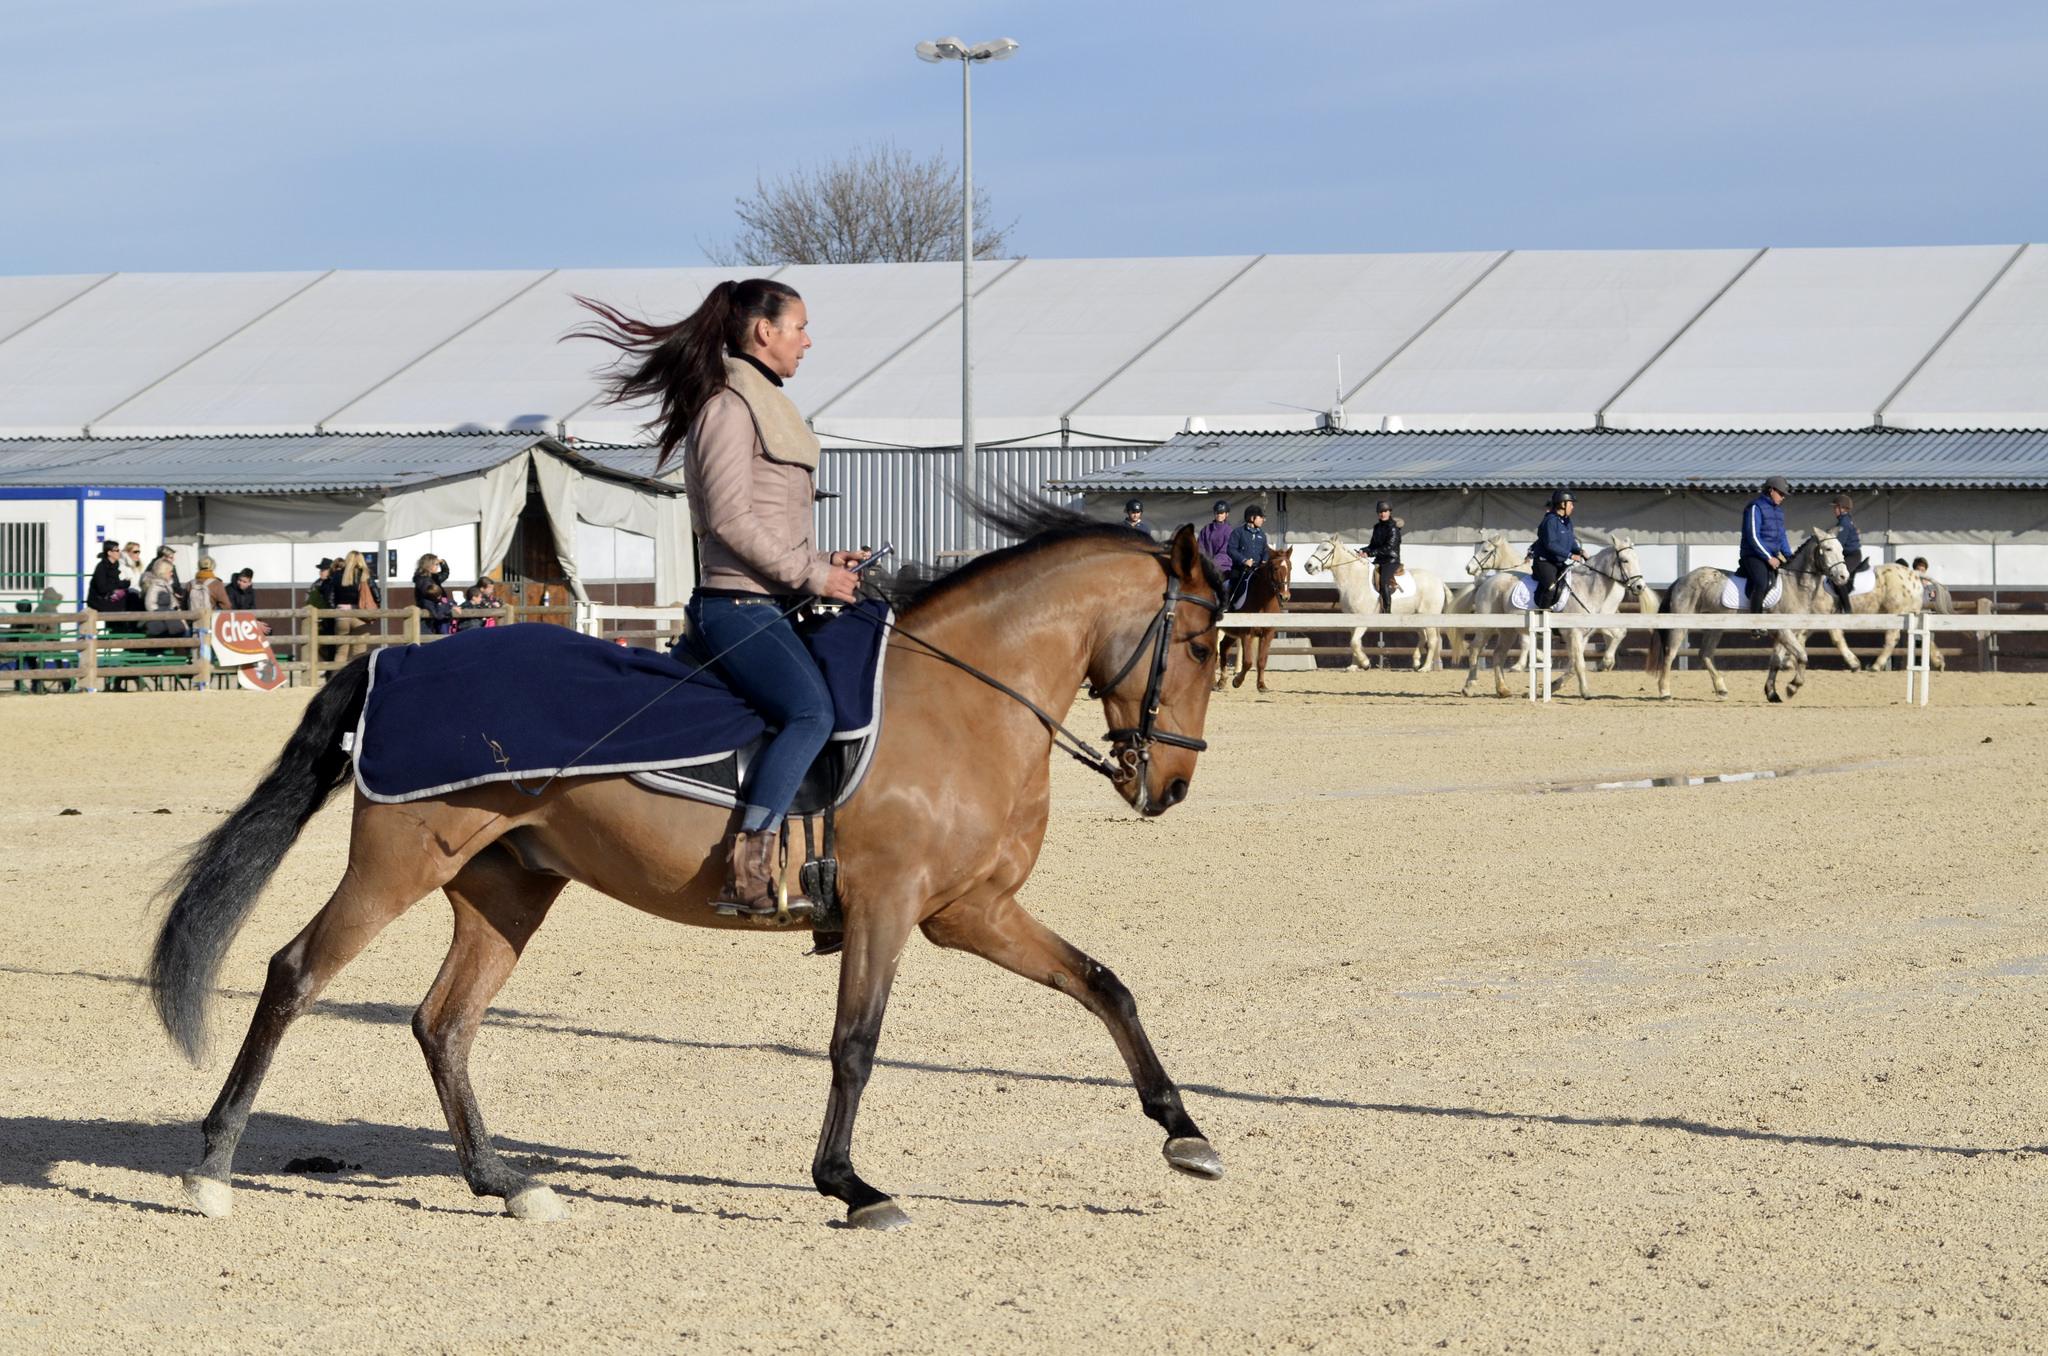 Un cheval au travai a des besoins de production plus importants